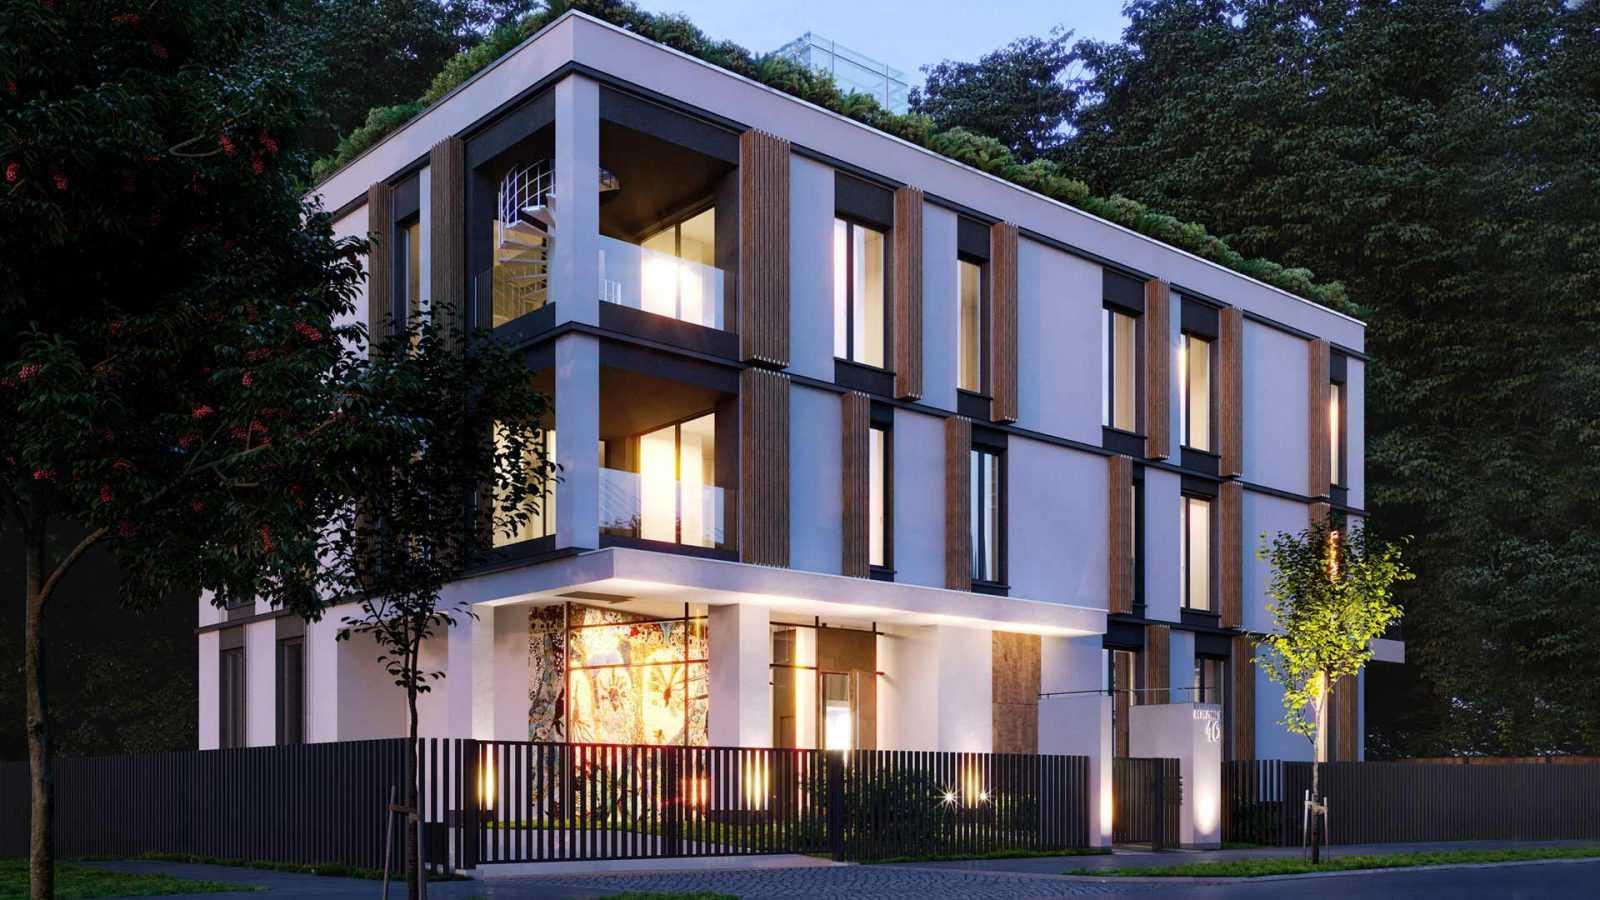 nowe apartamenty warszawa saska kępa BEREZYNSKA46 (6)